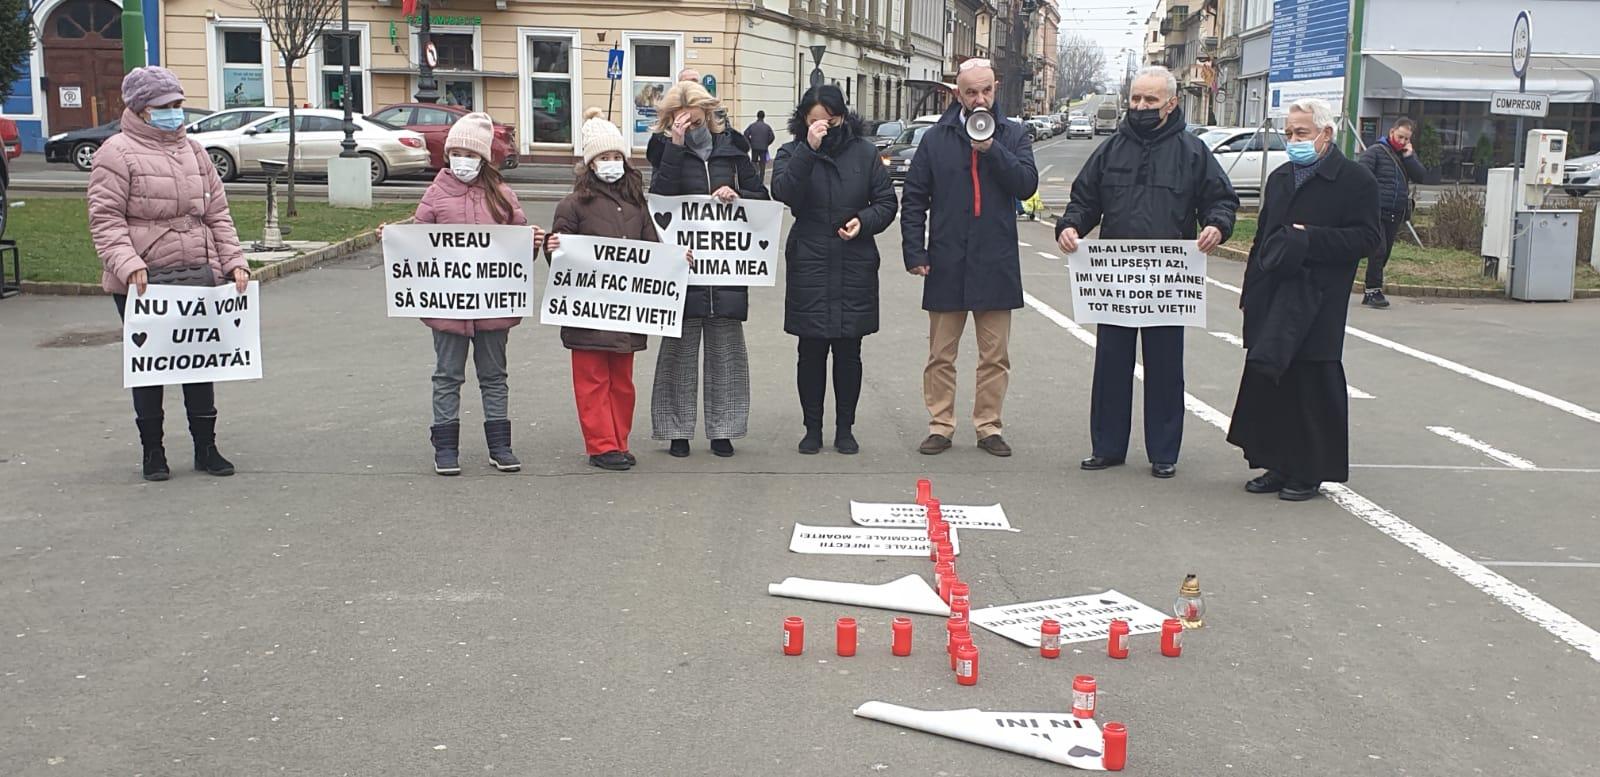 Protest-comemorare în Piaţa Avram Iancu FOTO: V.O.